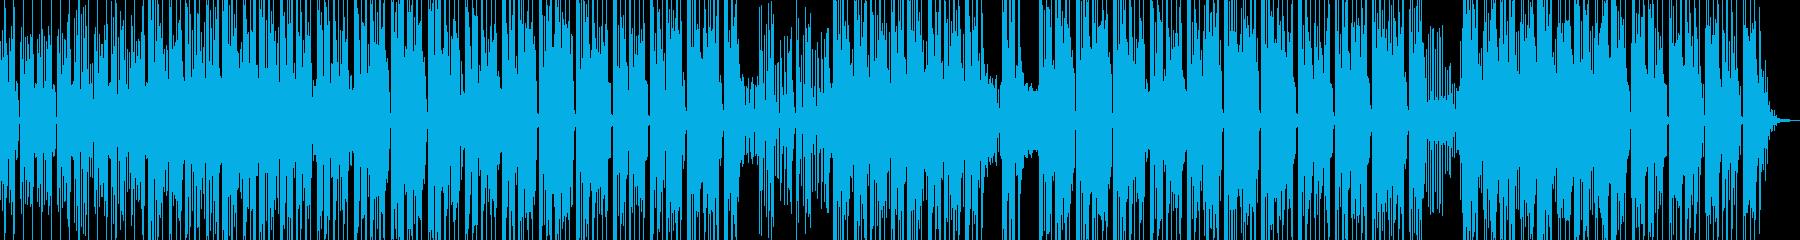 三味線・妖艶なアジアンポップ L+の再生済みの波形